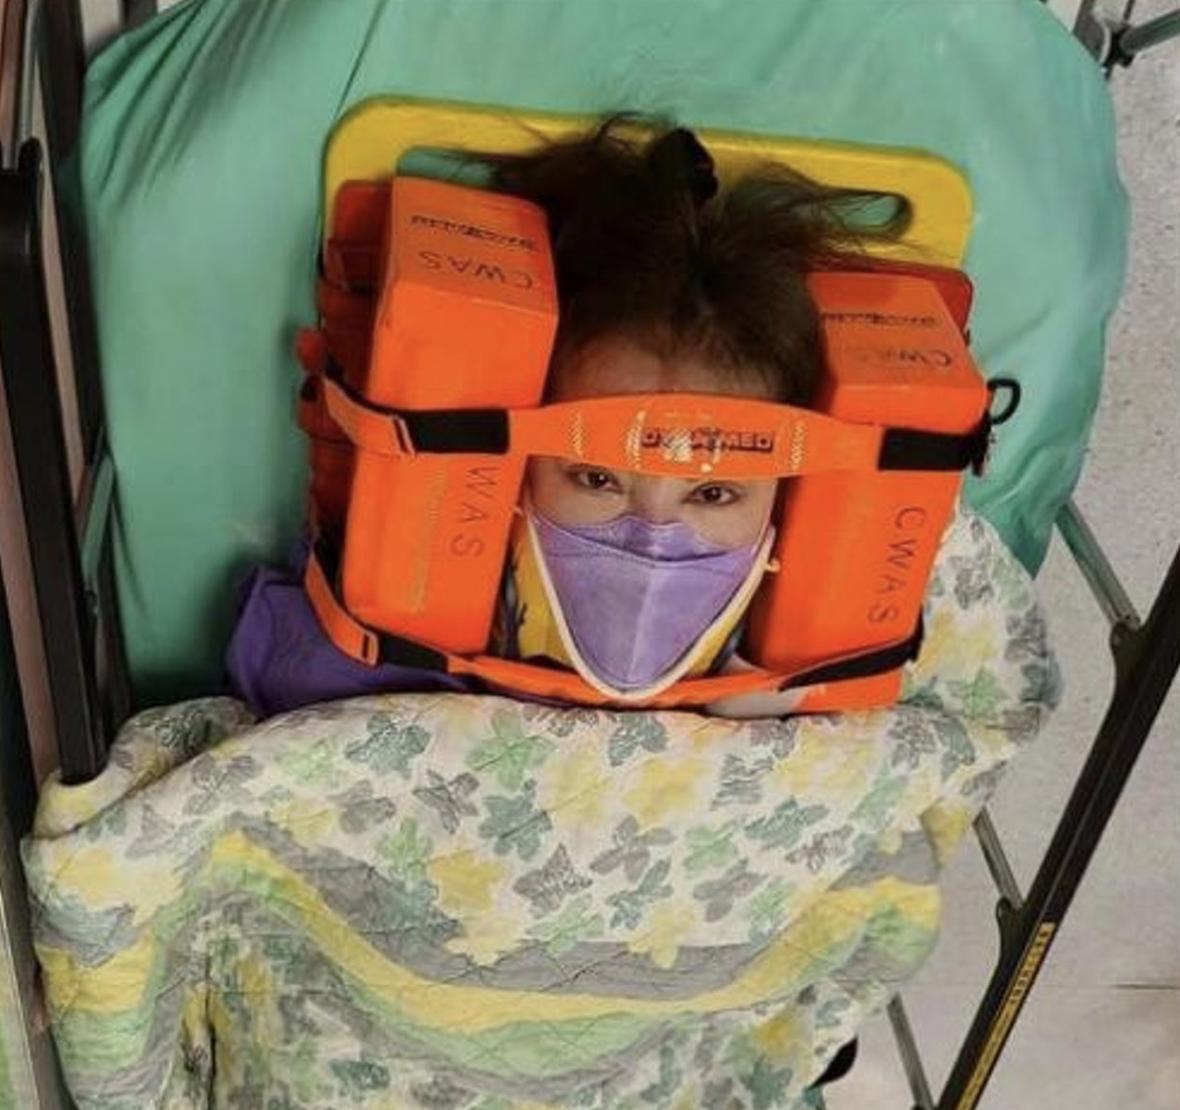 Tiết Chỉ Luân chia sẻ ảnh, thời điểm xảy ra tai nạn và khiến cô phải vào viện.